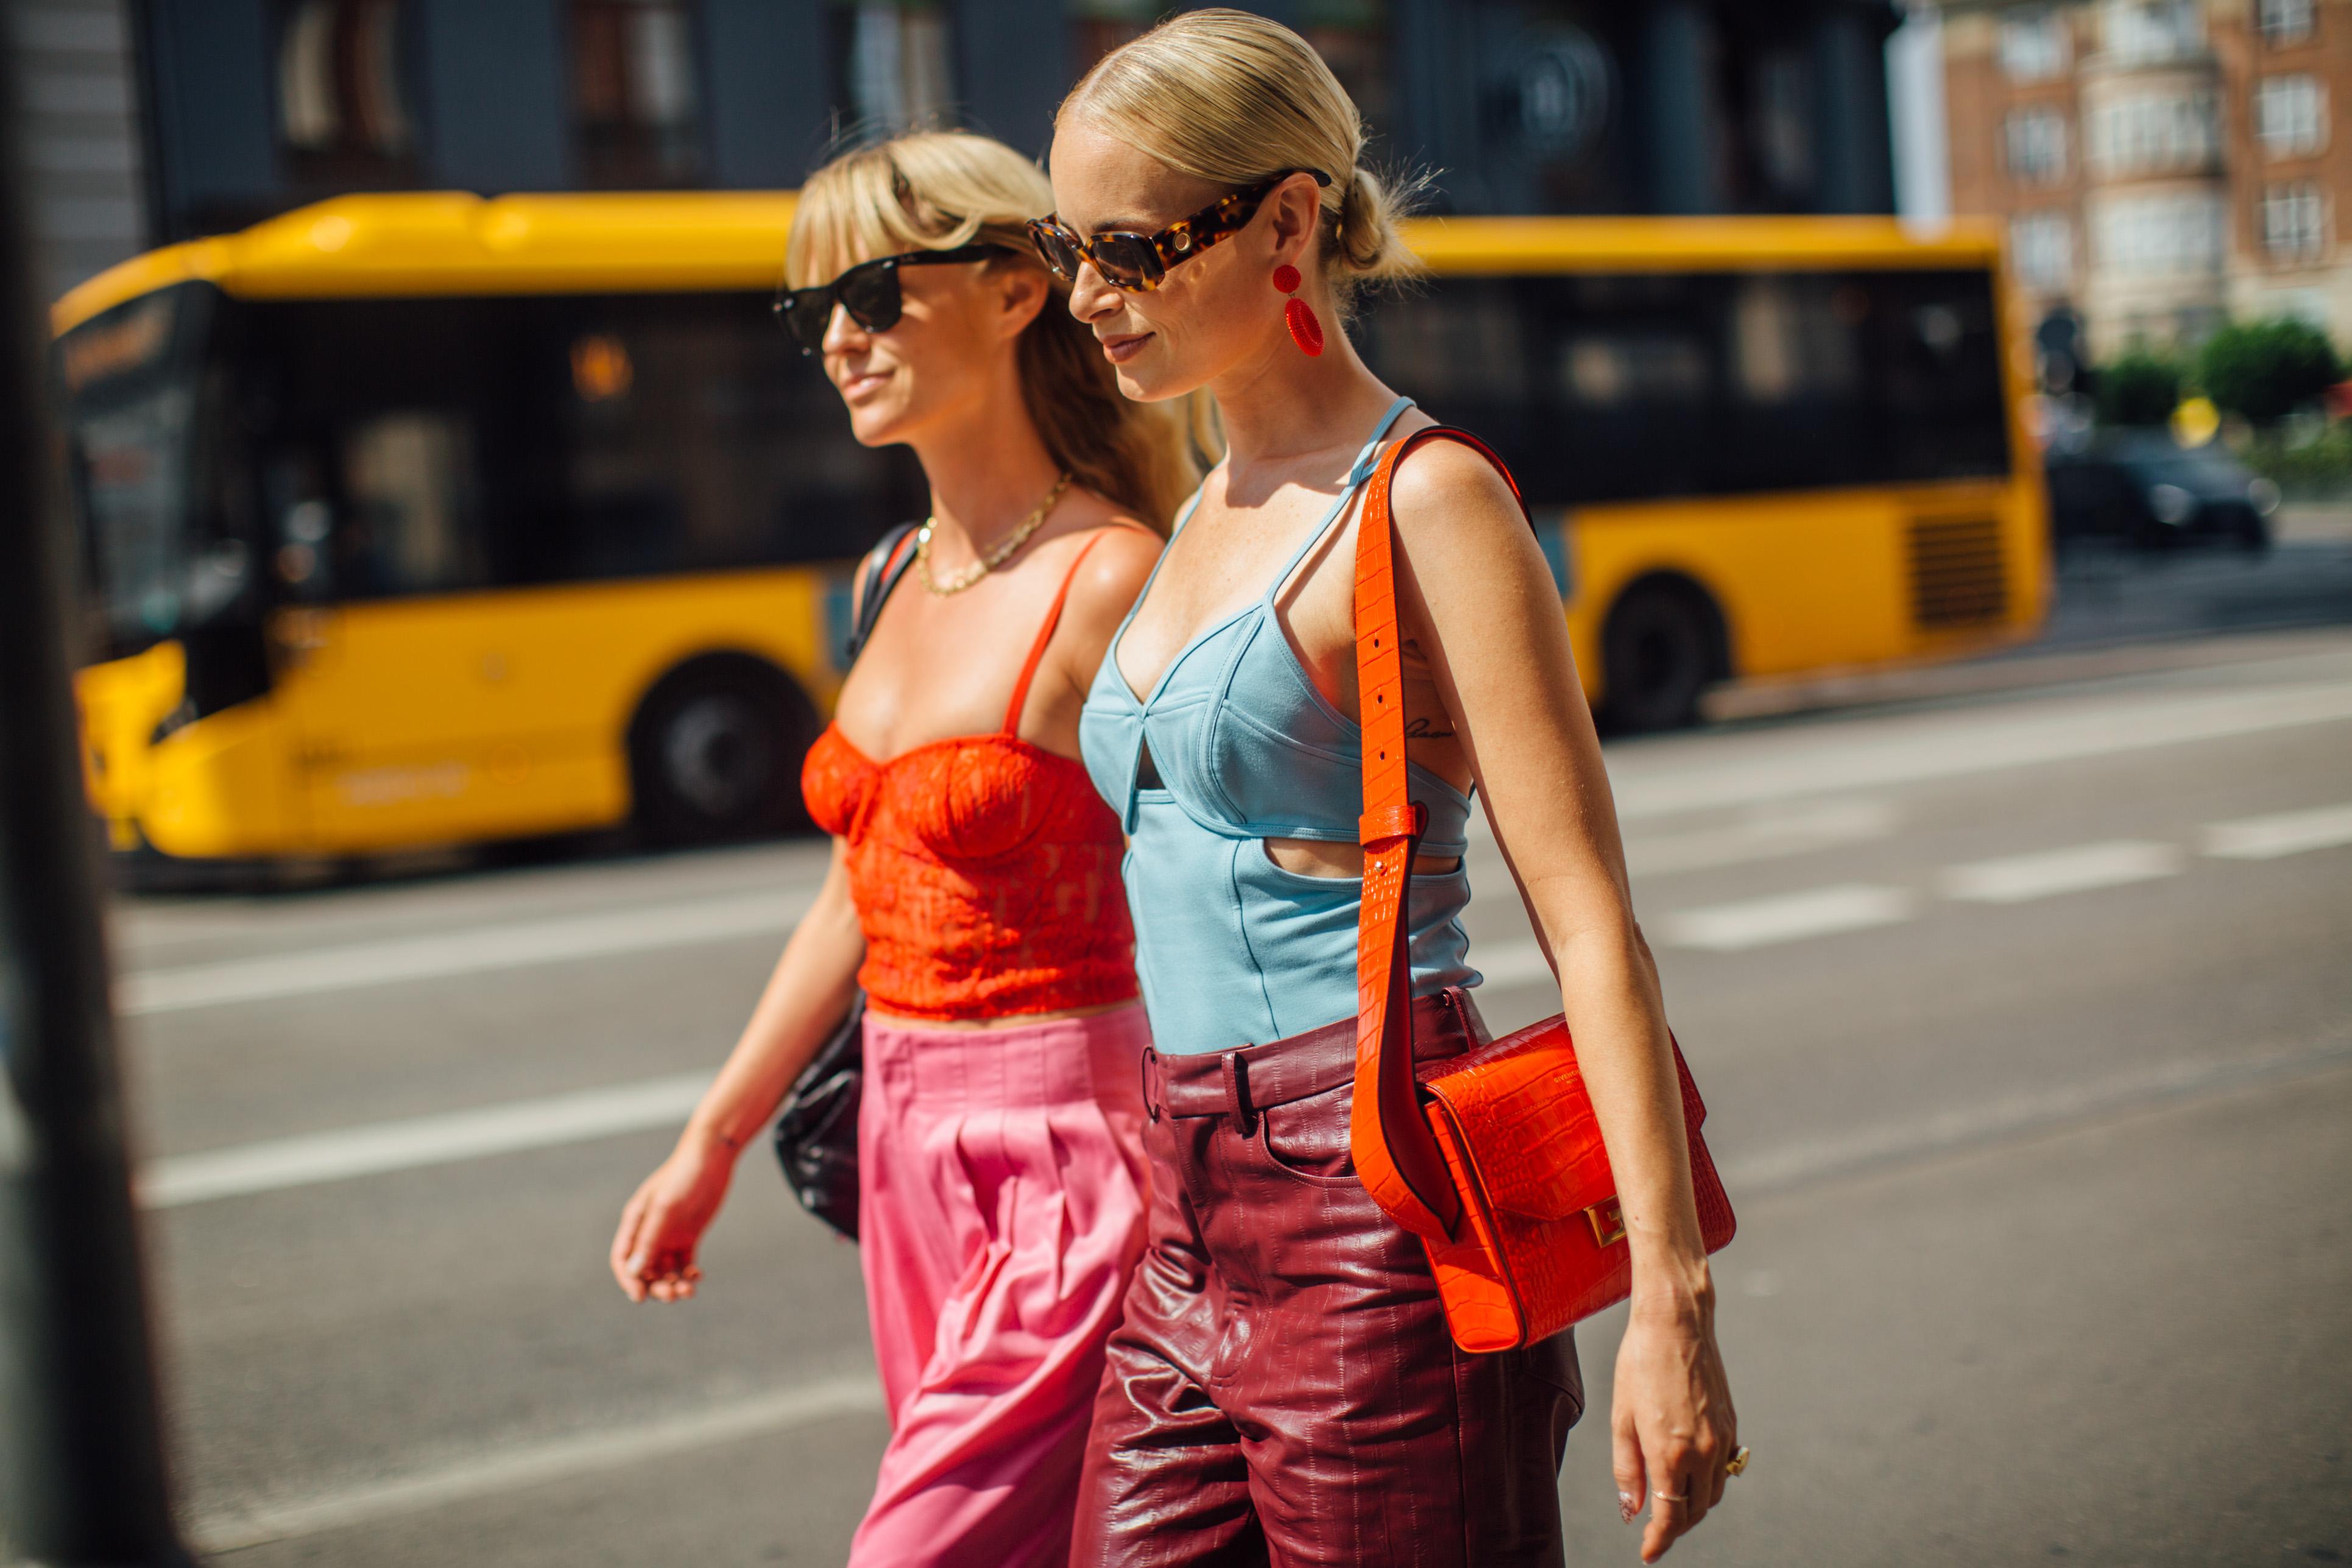 Δώσε μία παράταση στο καλοκαίρι μέσα από 10 χρώματα & prints που τονίζουν το μαύρισμά σου